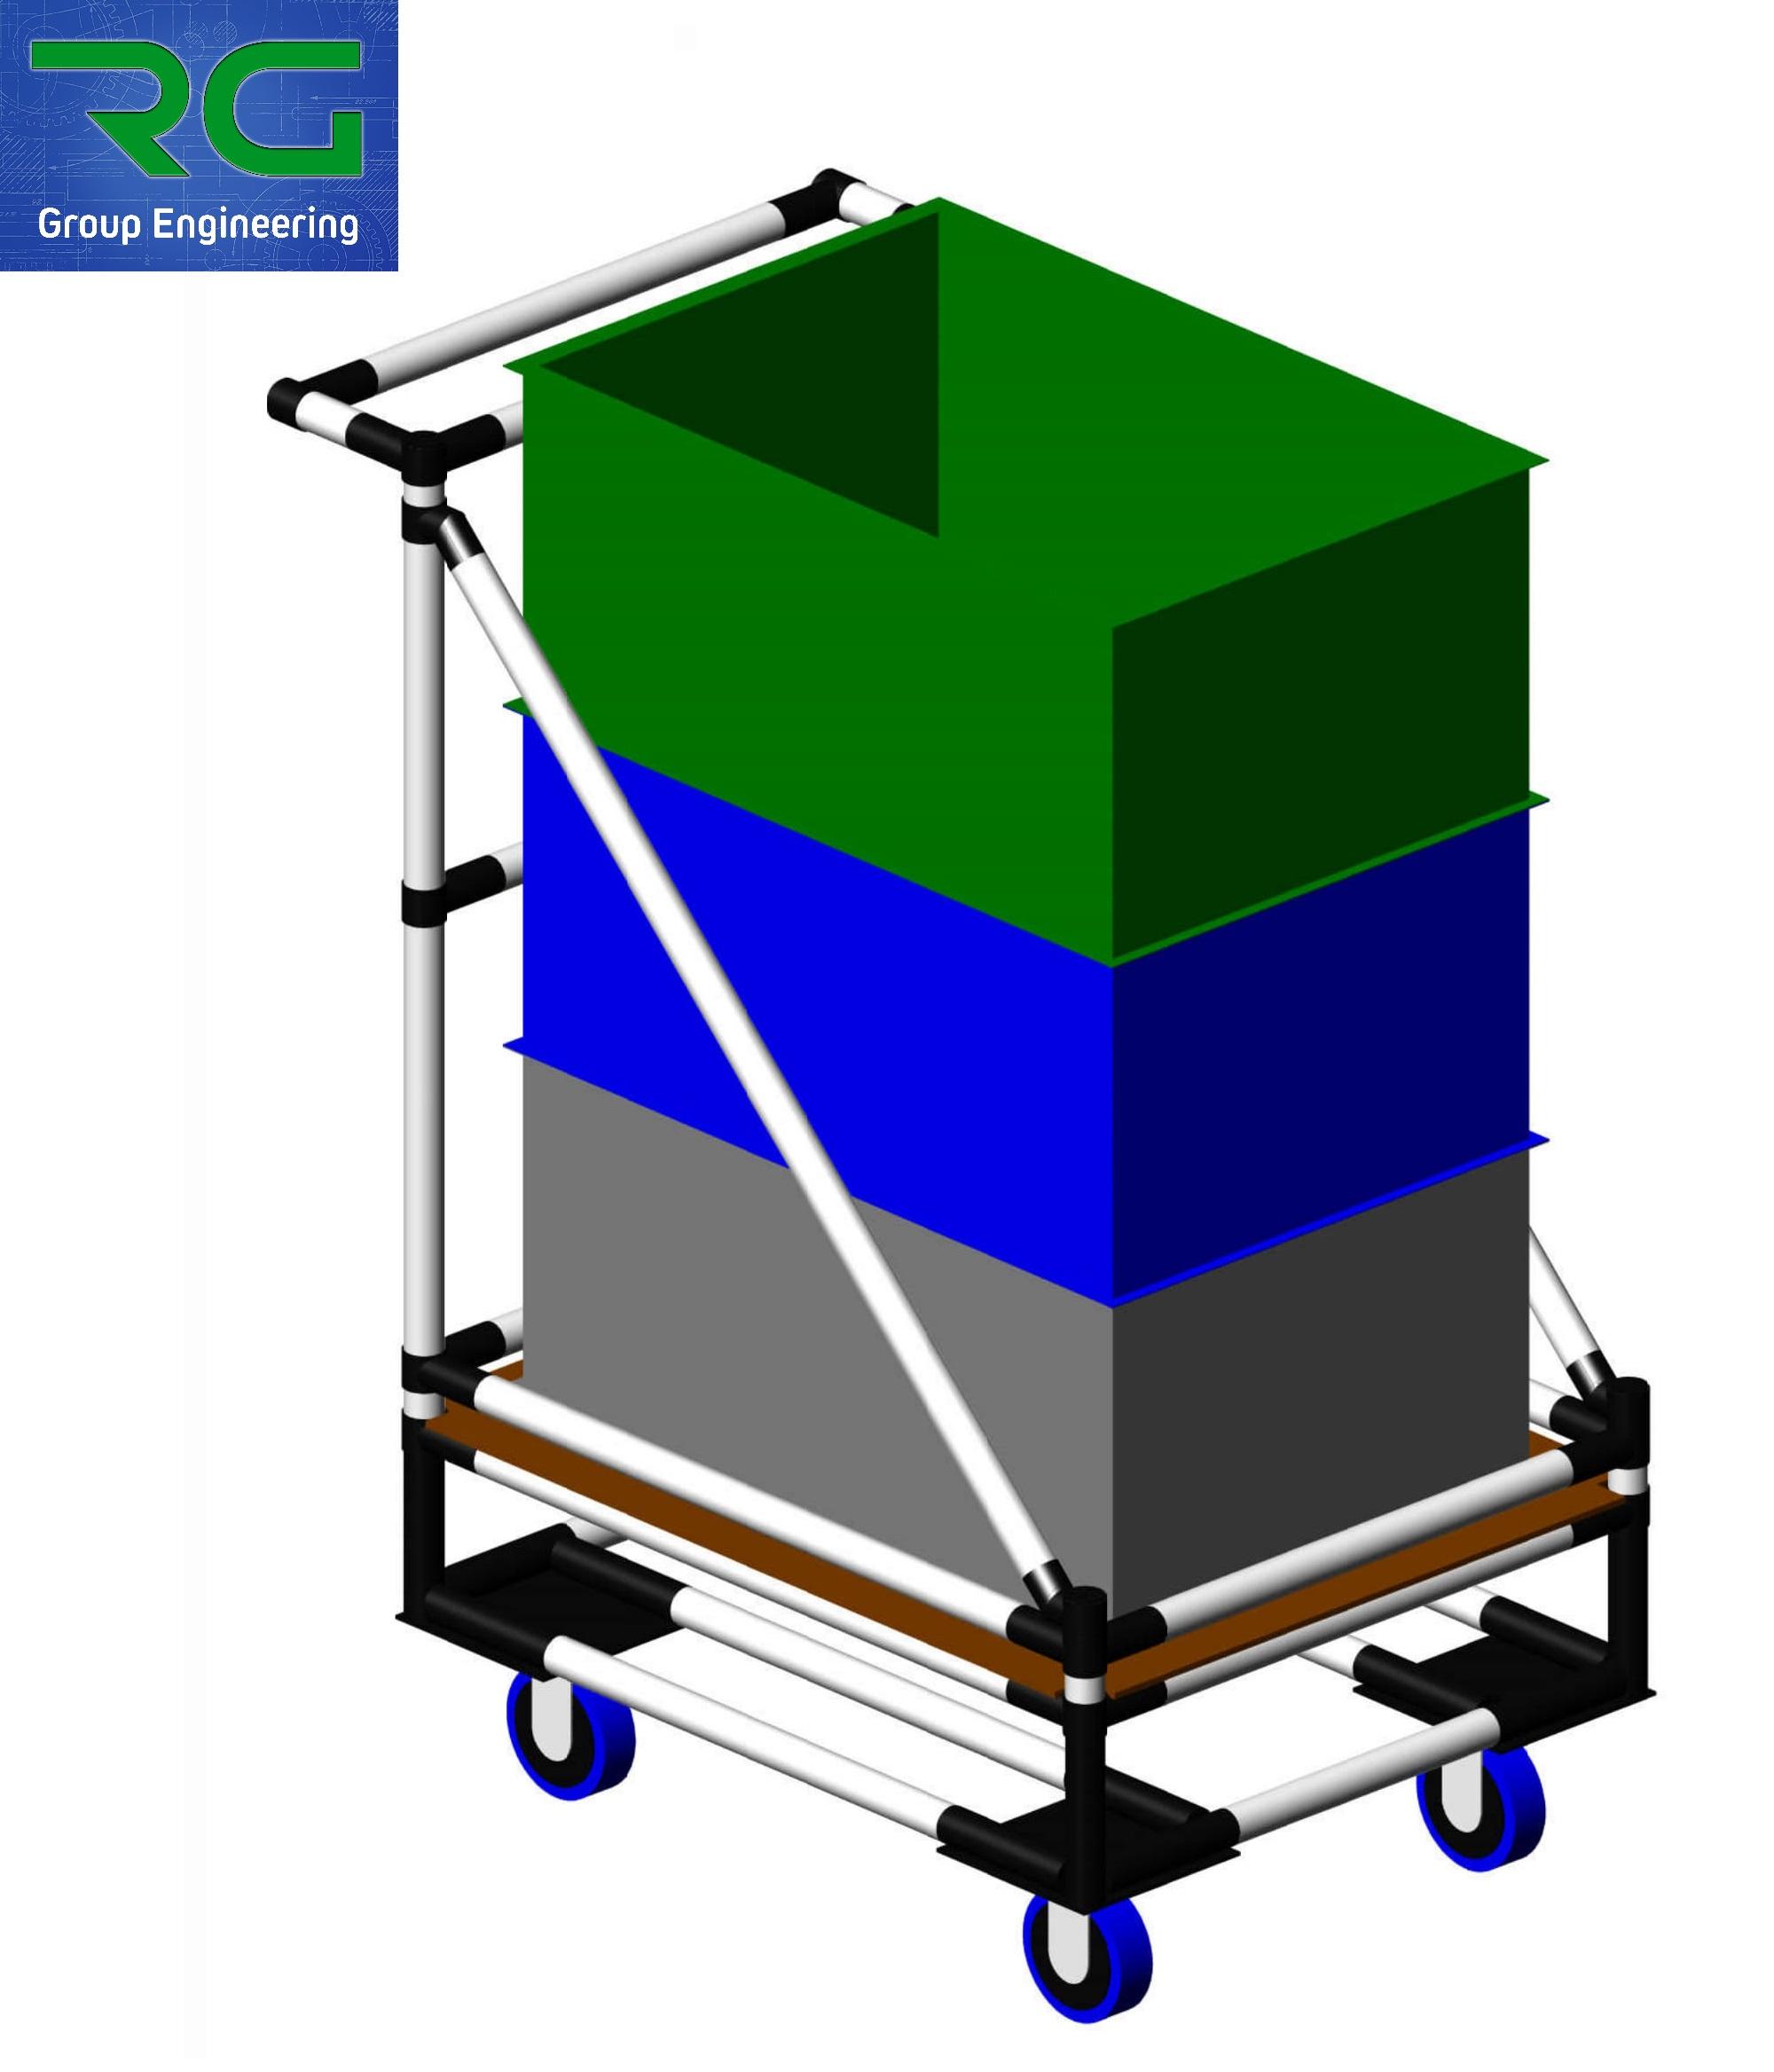 CARRELLO (SETTORE AUTOMOTIVE) Struttura lean dinamica in abs per trasporto contenitori.